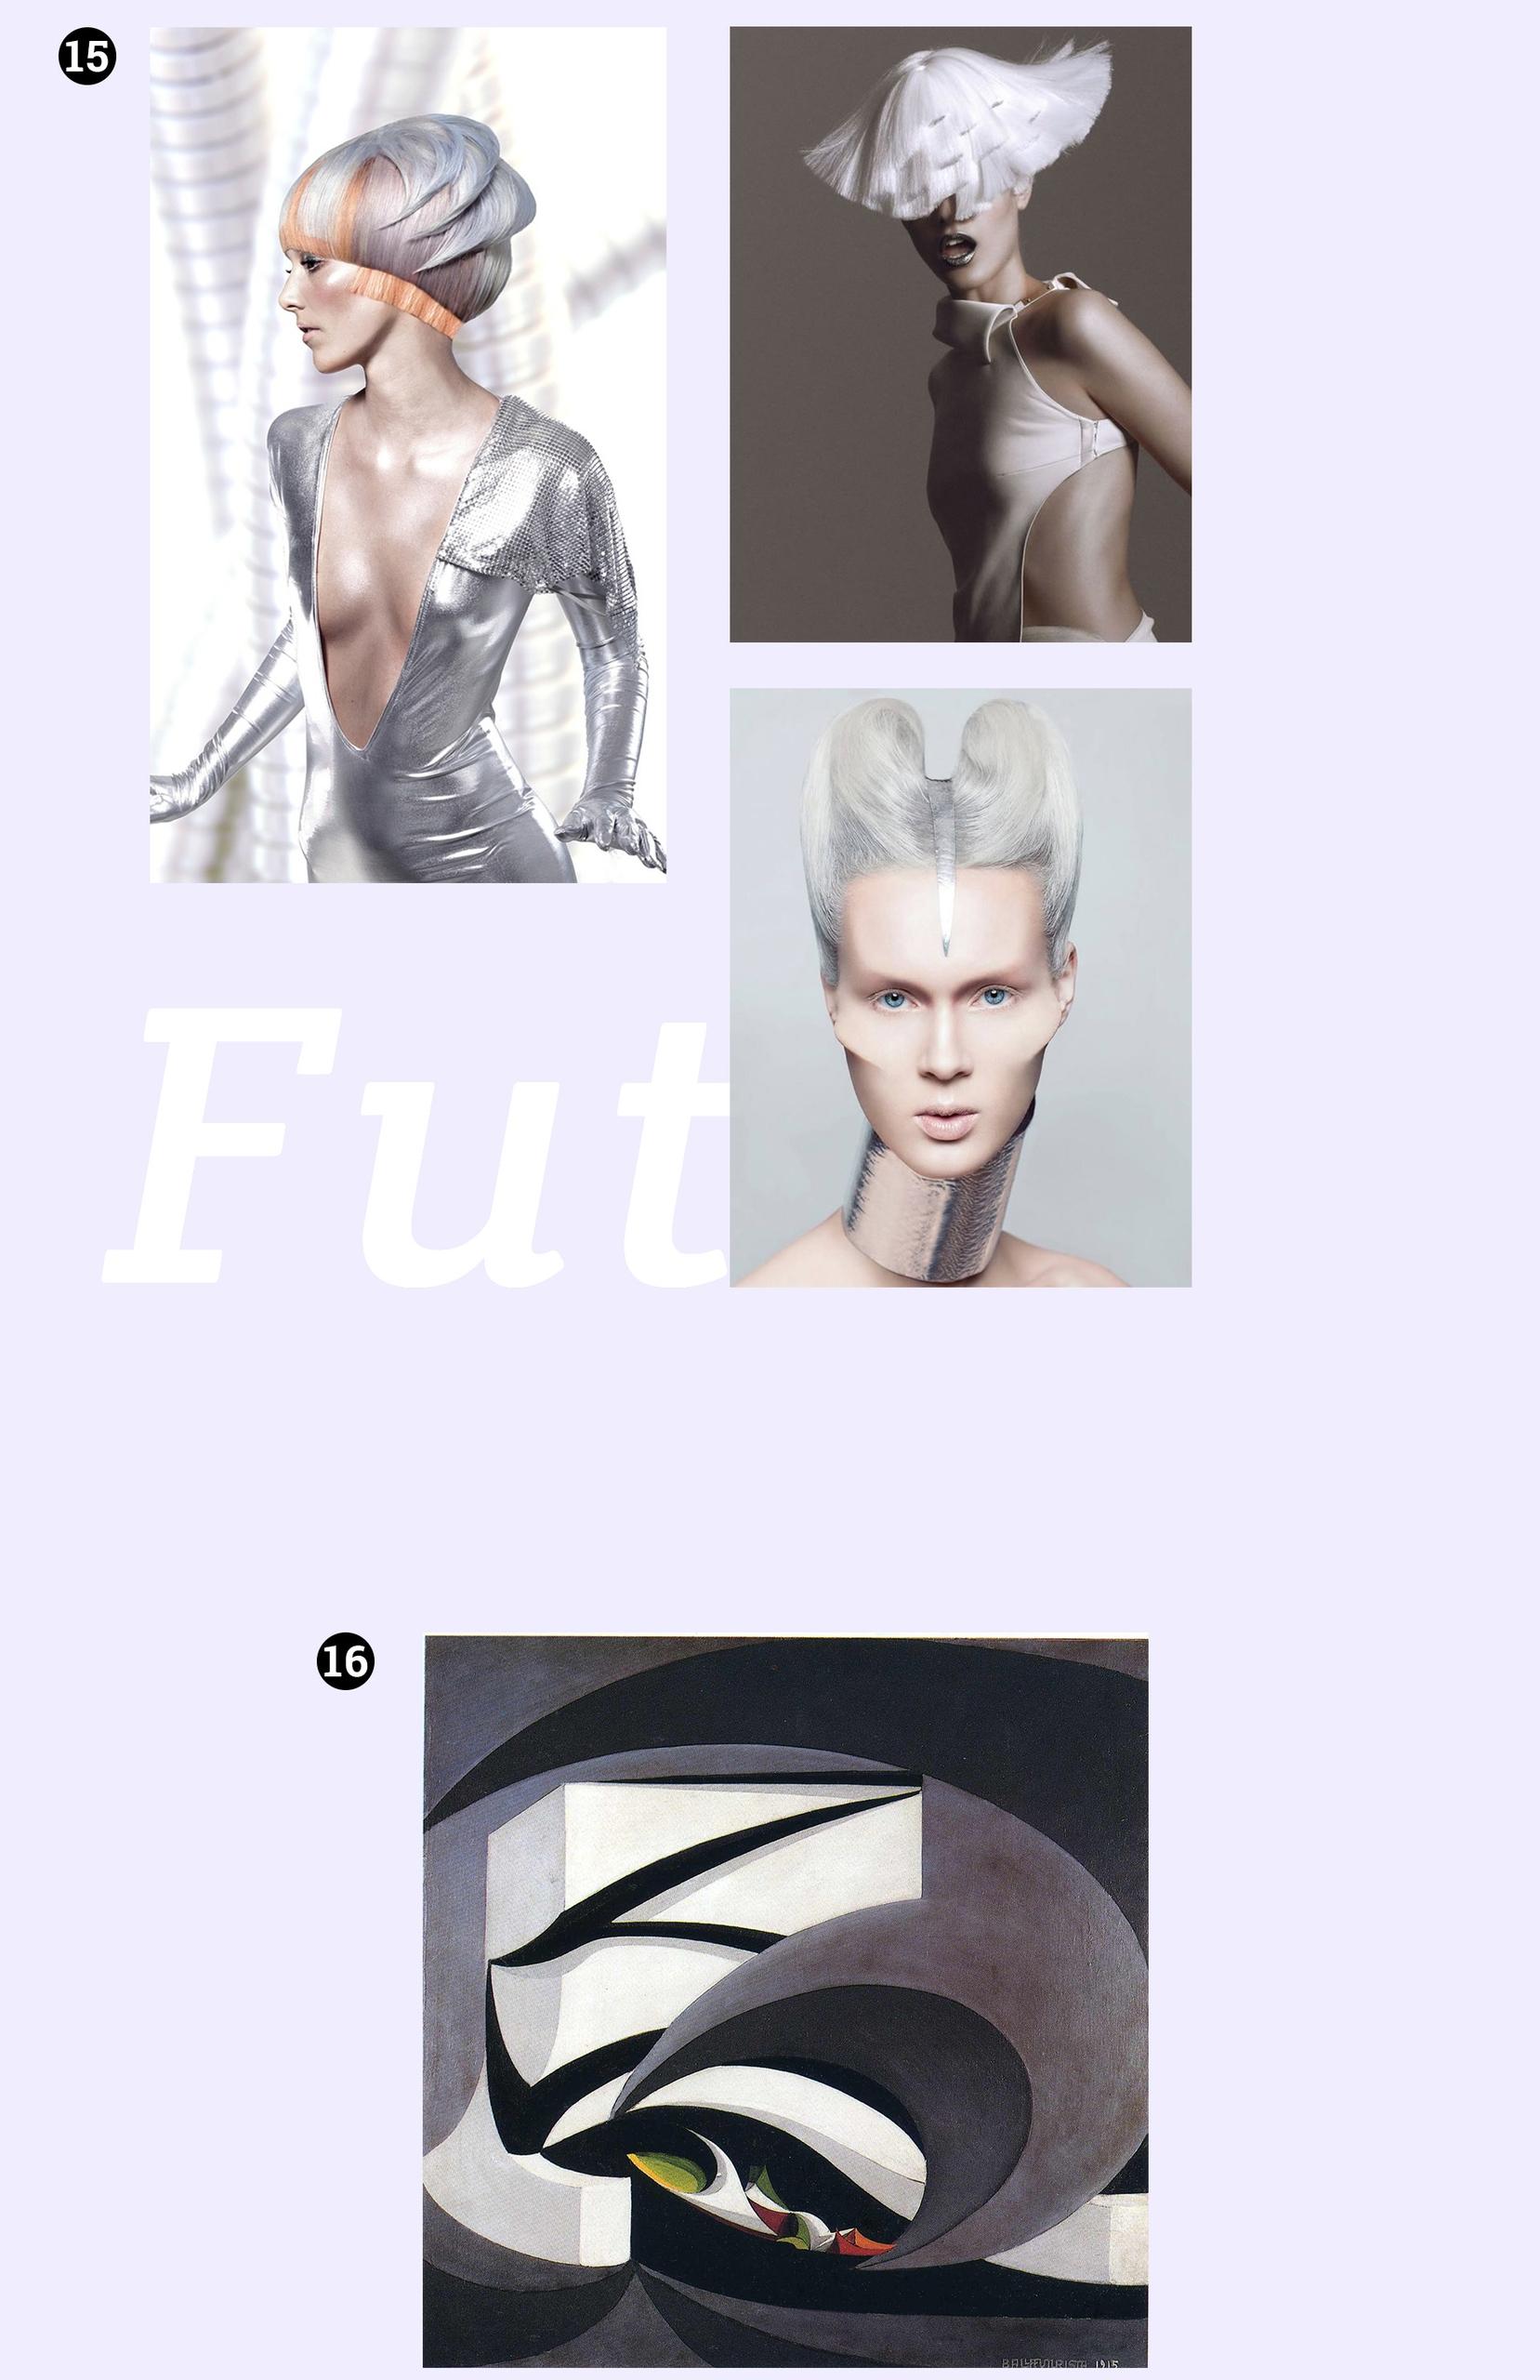 Obraz przedstawia cztery zdjęcia. Na trzech z nich widzimy kobiety w srebrnych kostiumach, mocnych makijażach. Na ostatnim widzimy obraz znanego artysty na płótnie.